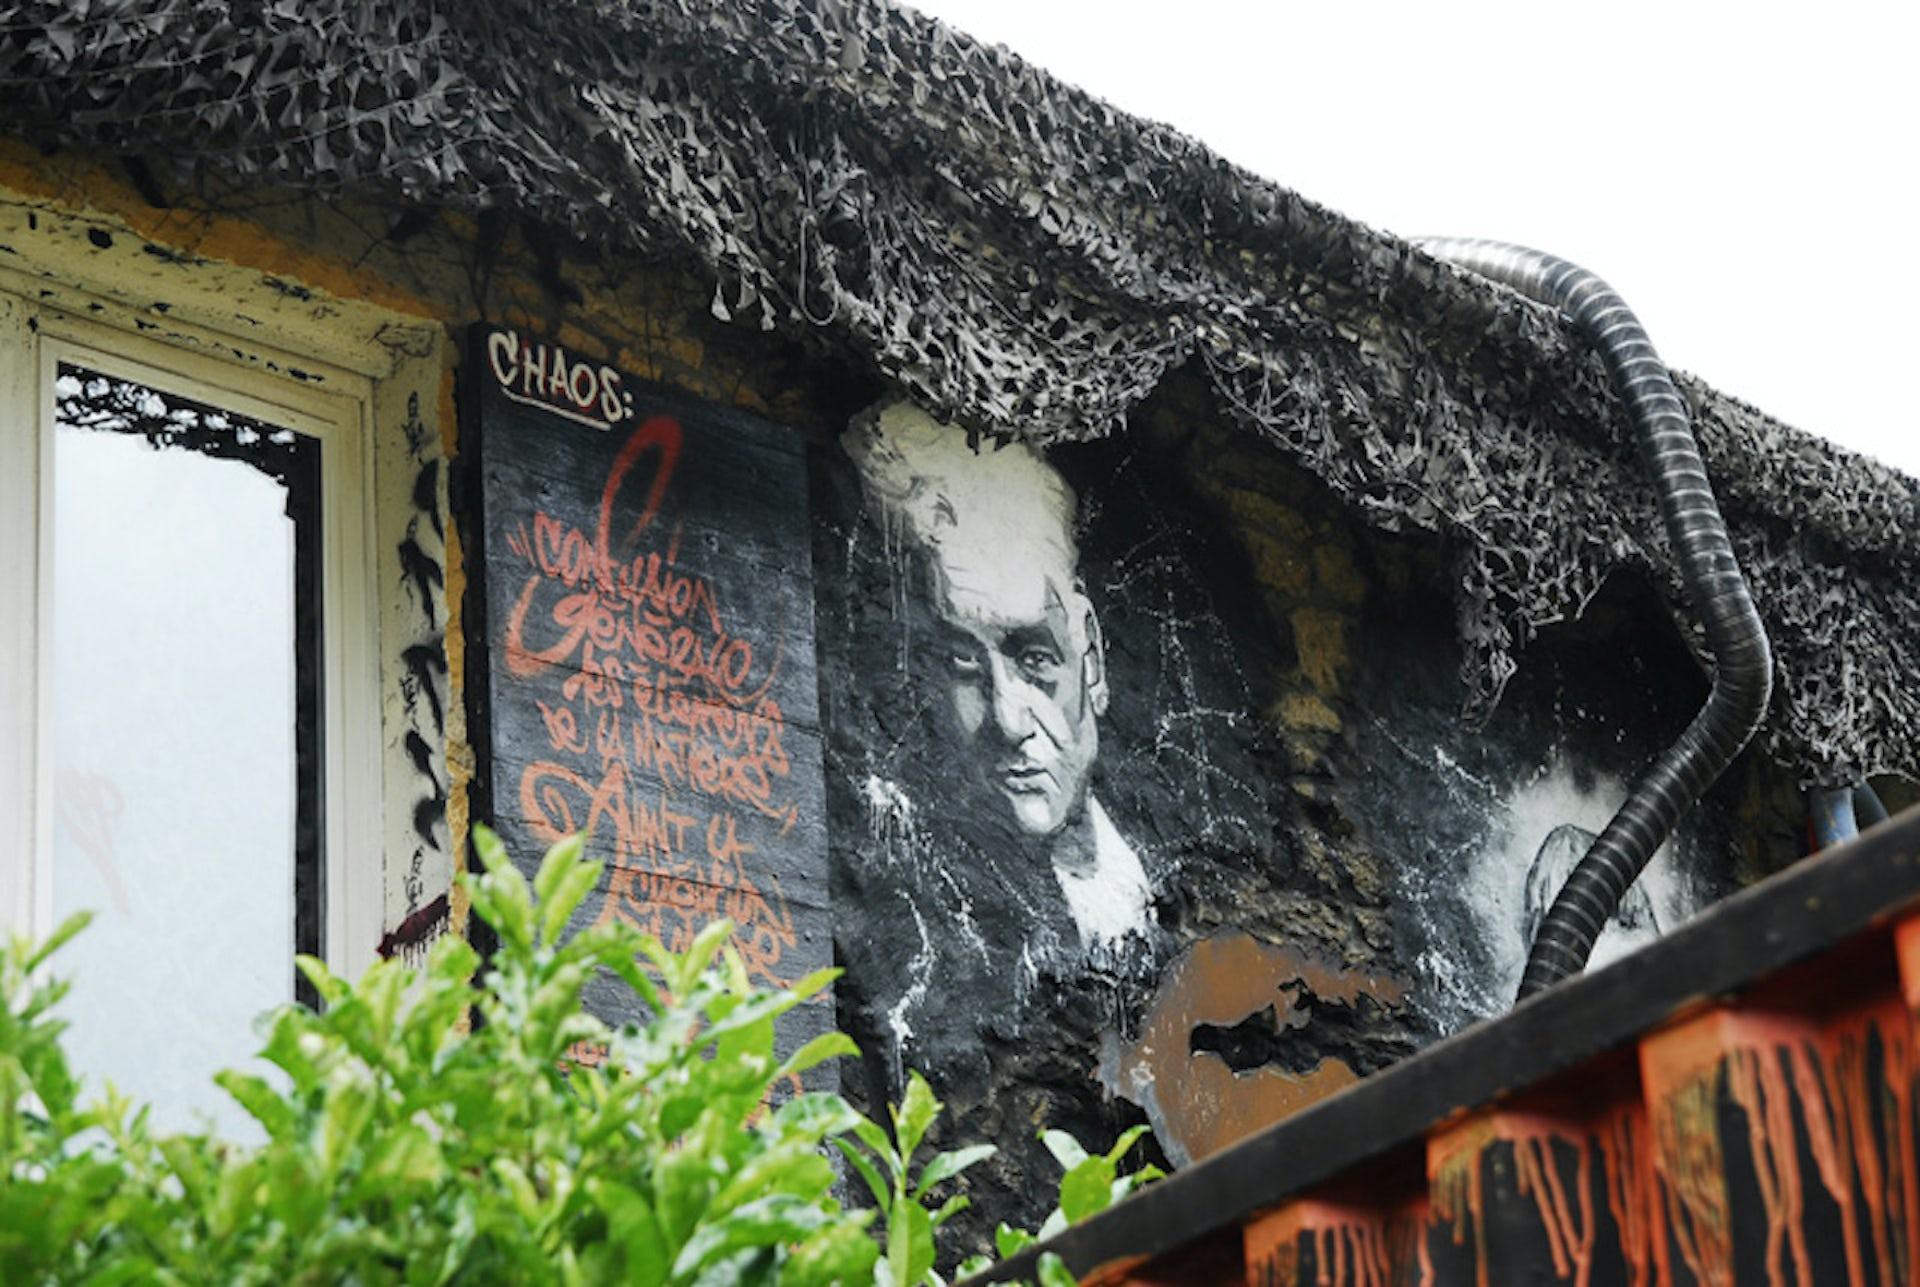 Mur Derrida.Thierry Ehrmann/Flickr, CC BY